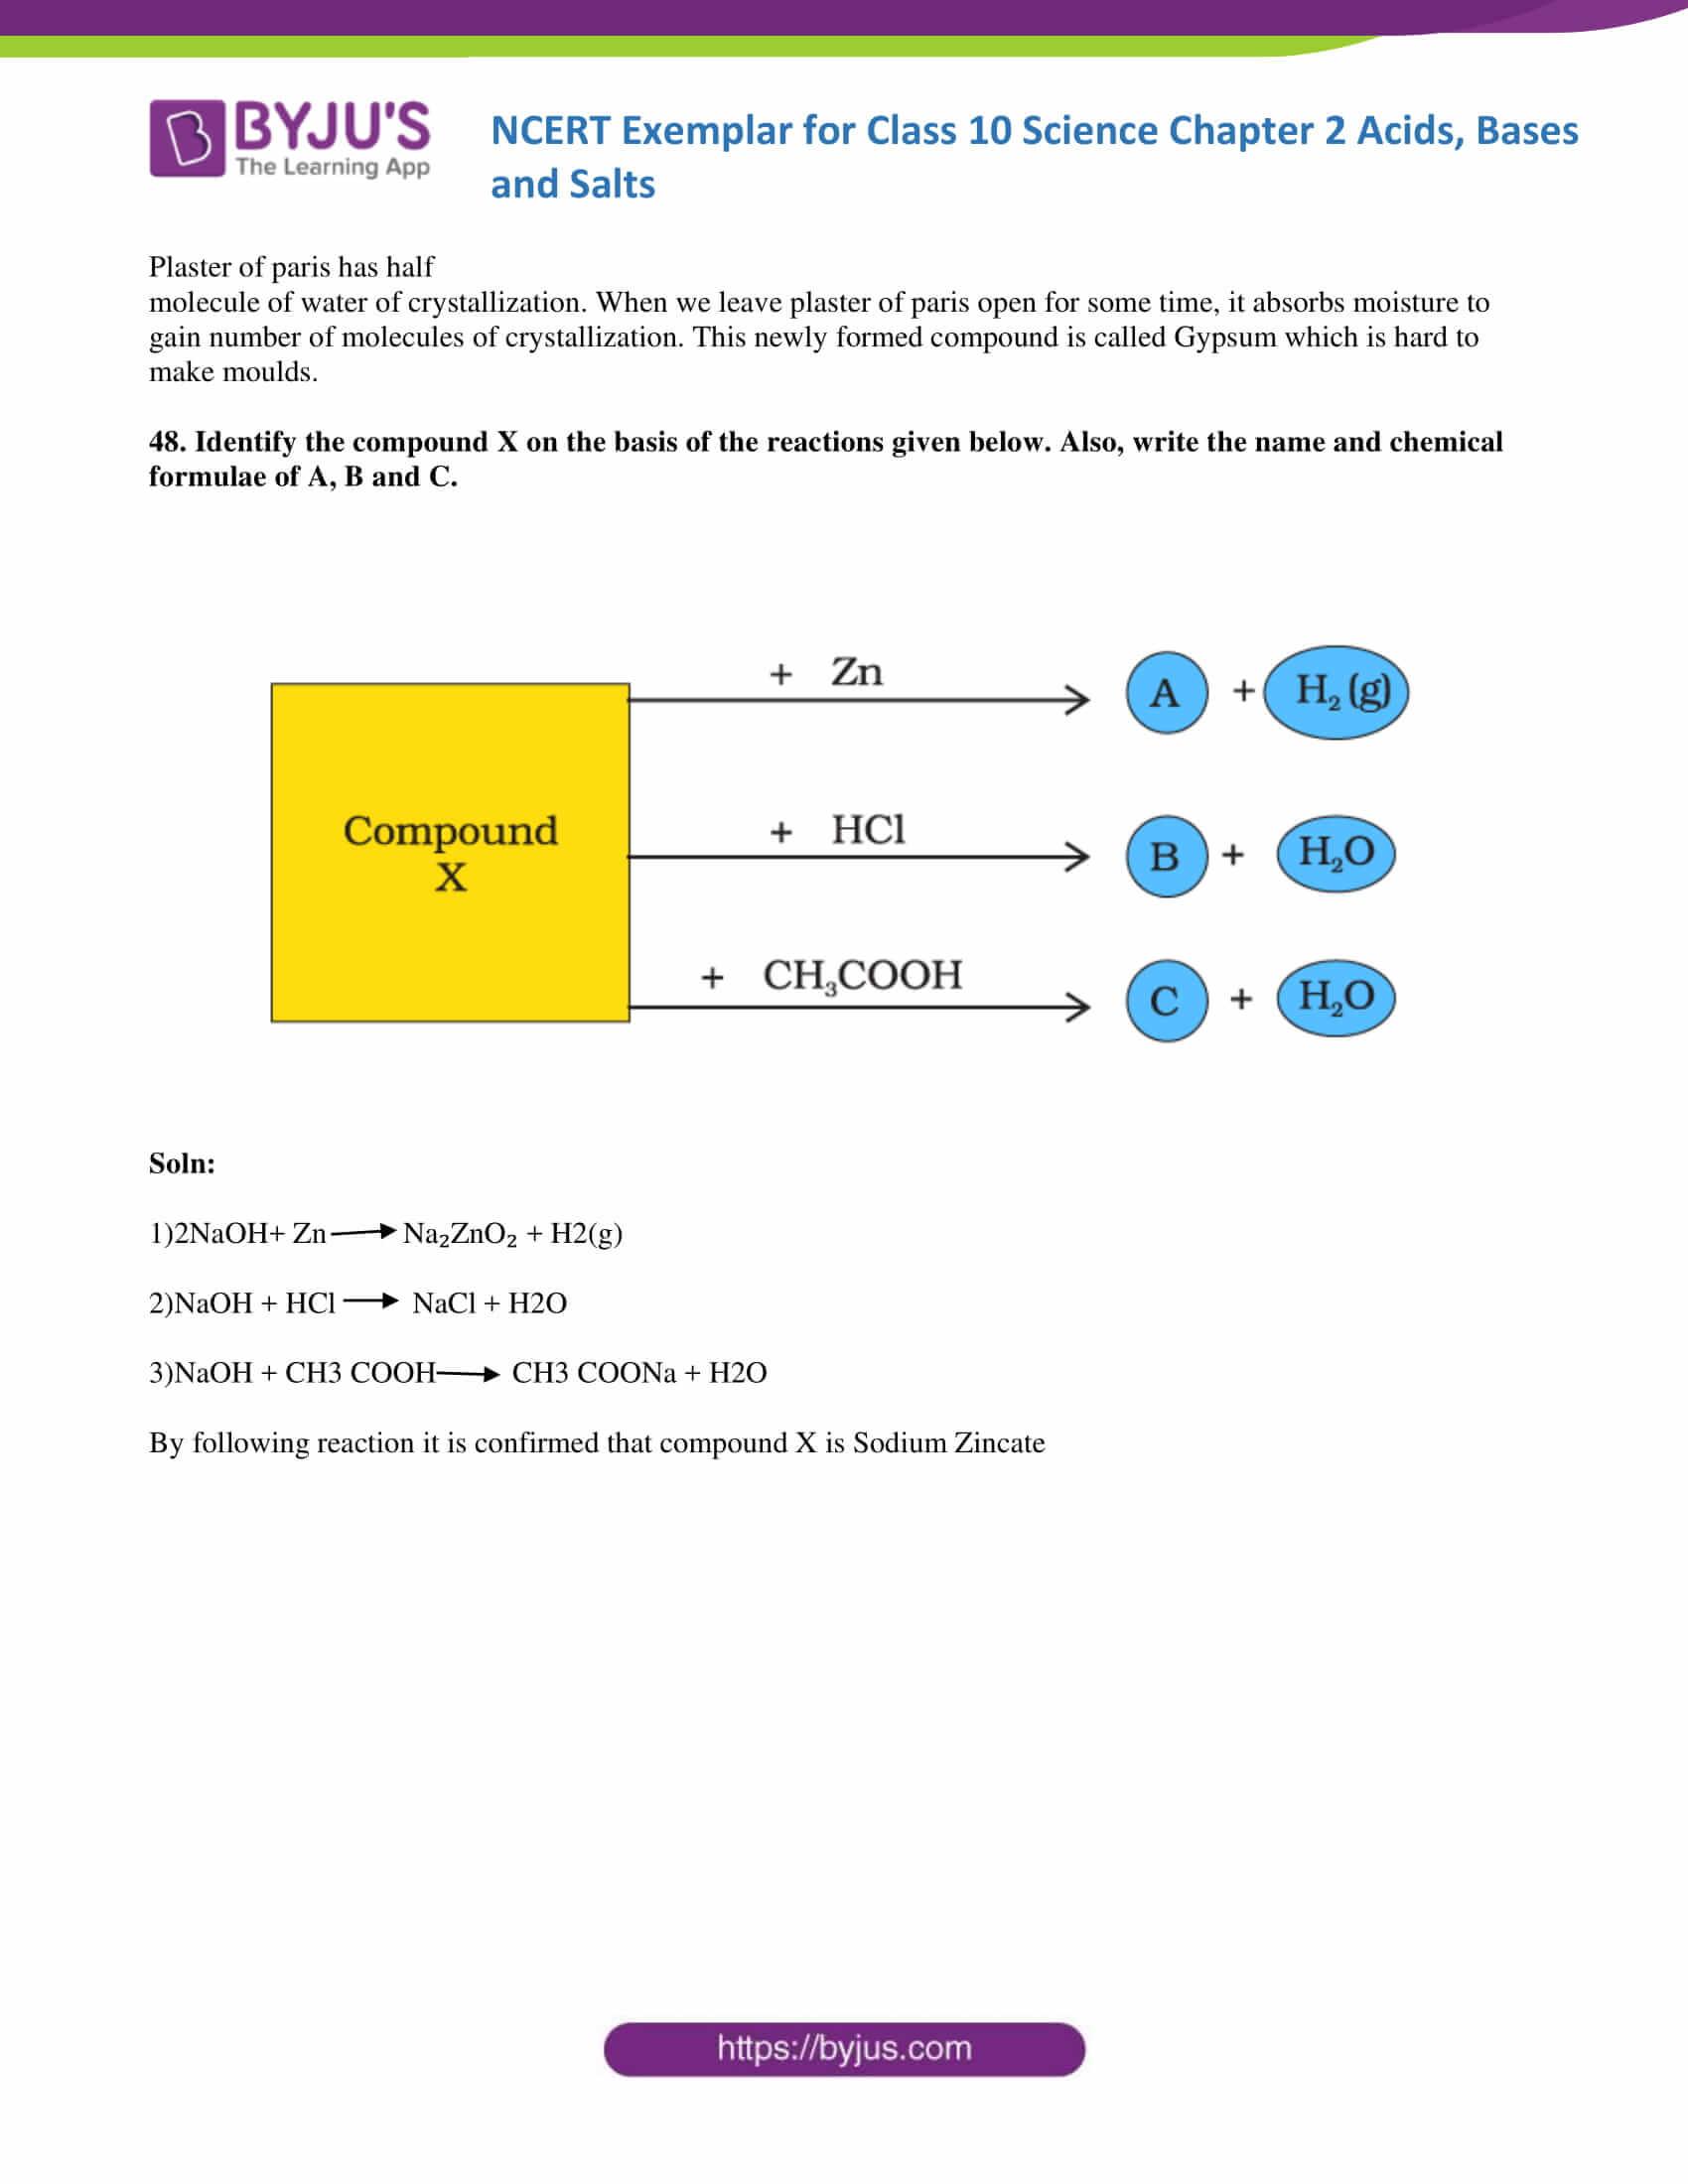 NCERT Exemplar solution class 10 Science Chapter 2 part 17